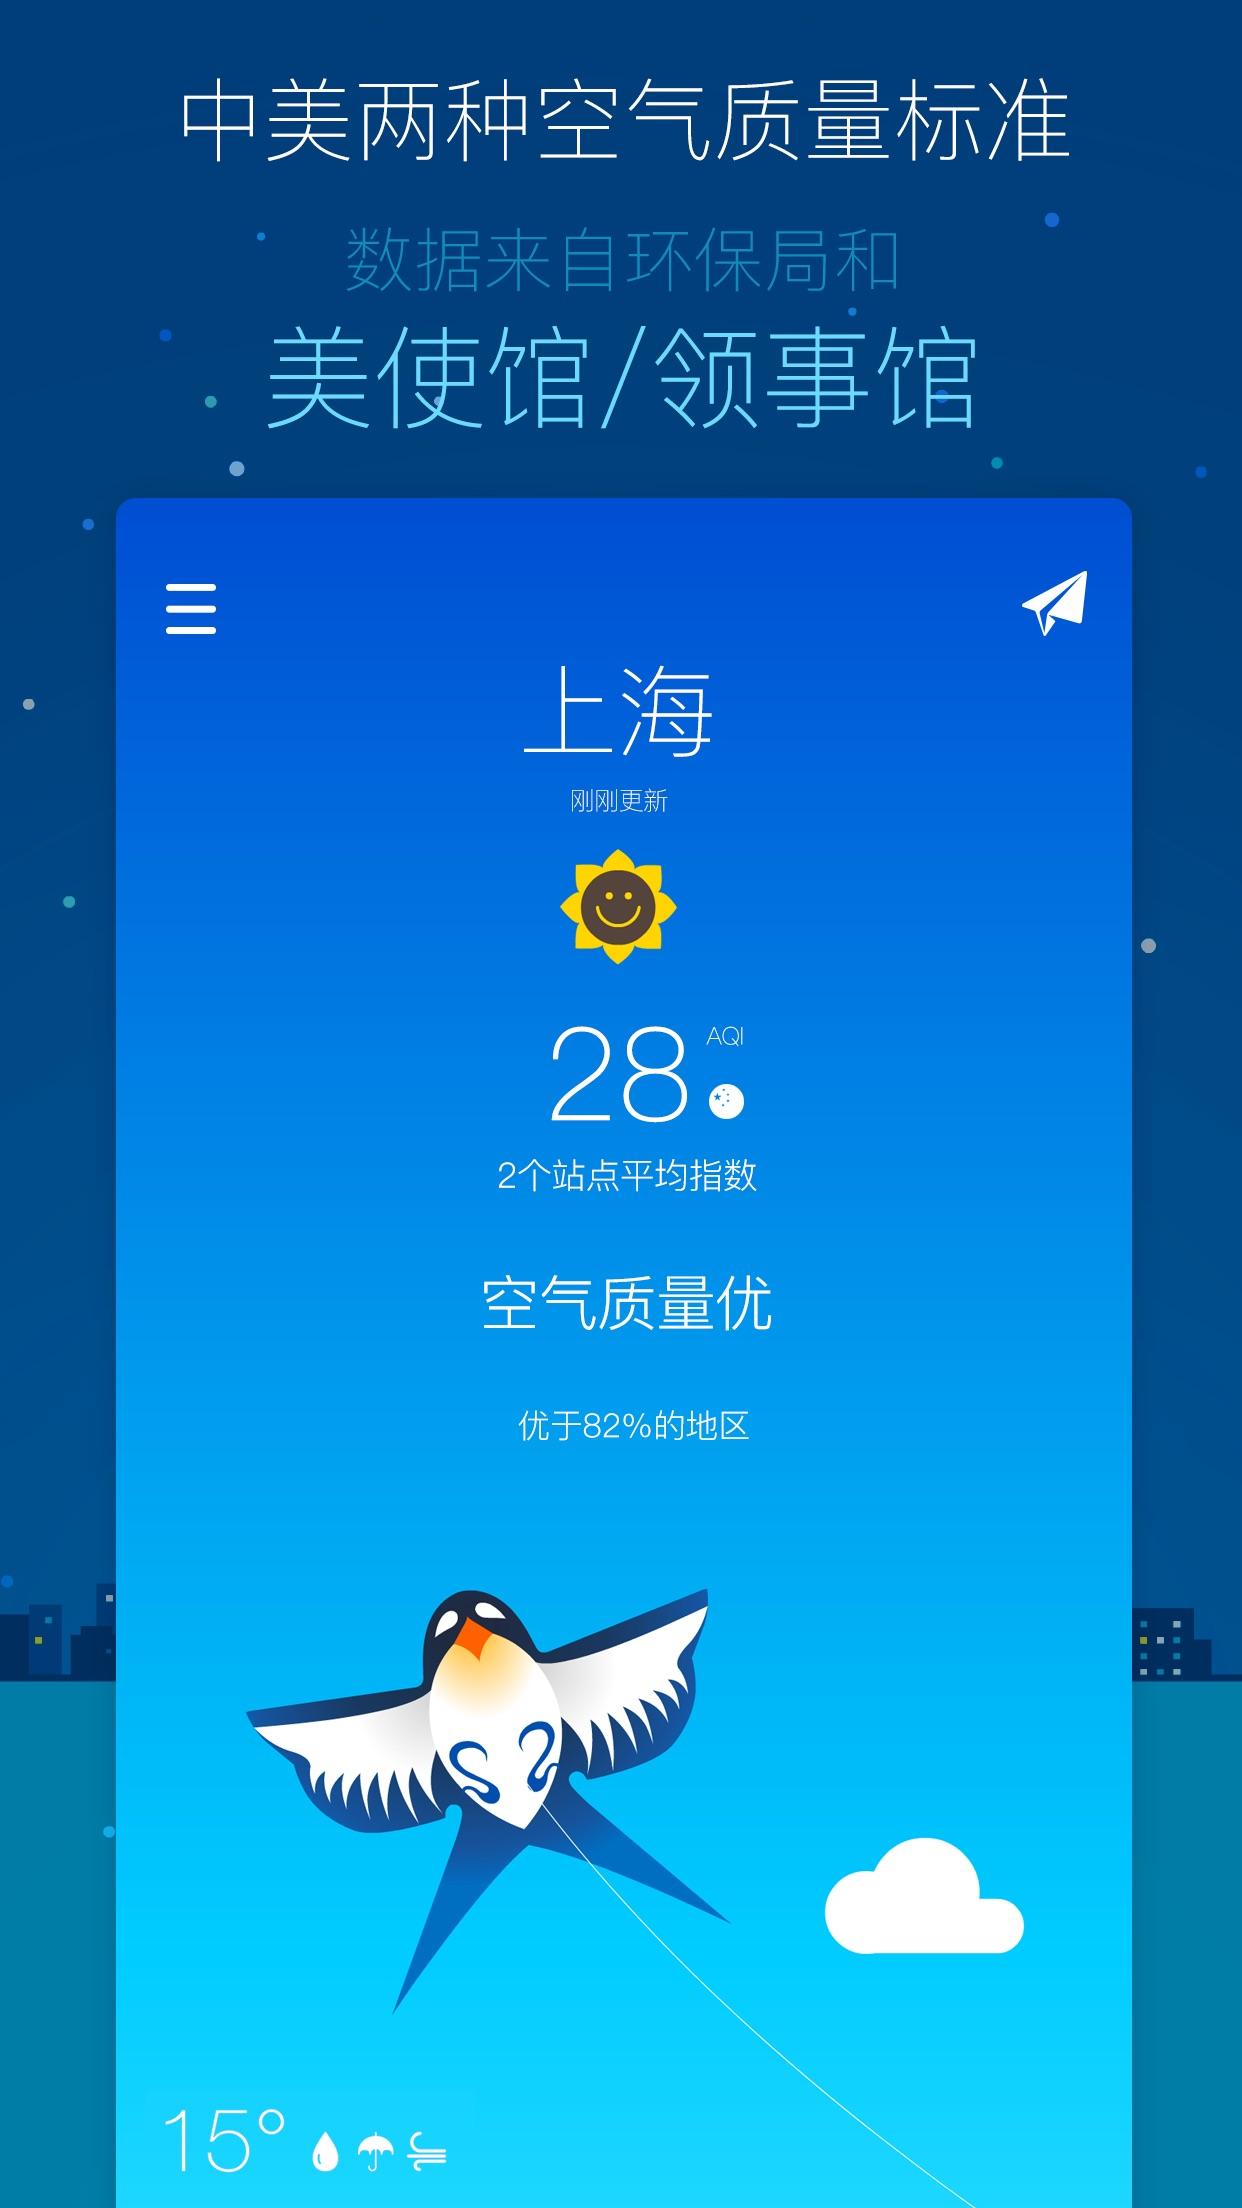 晴空 Screenshot